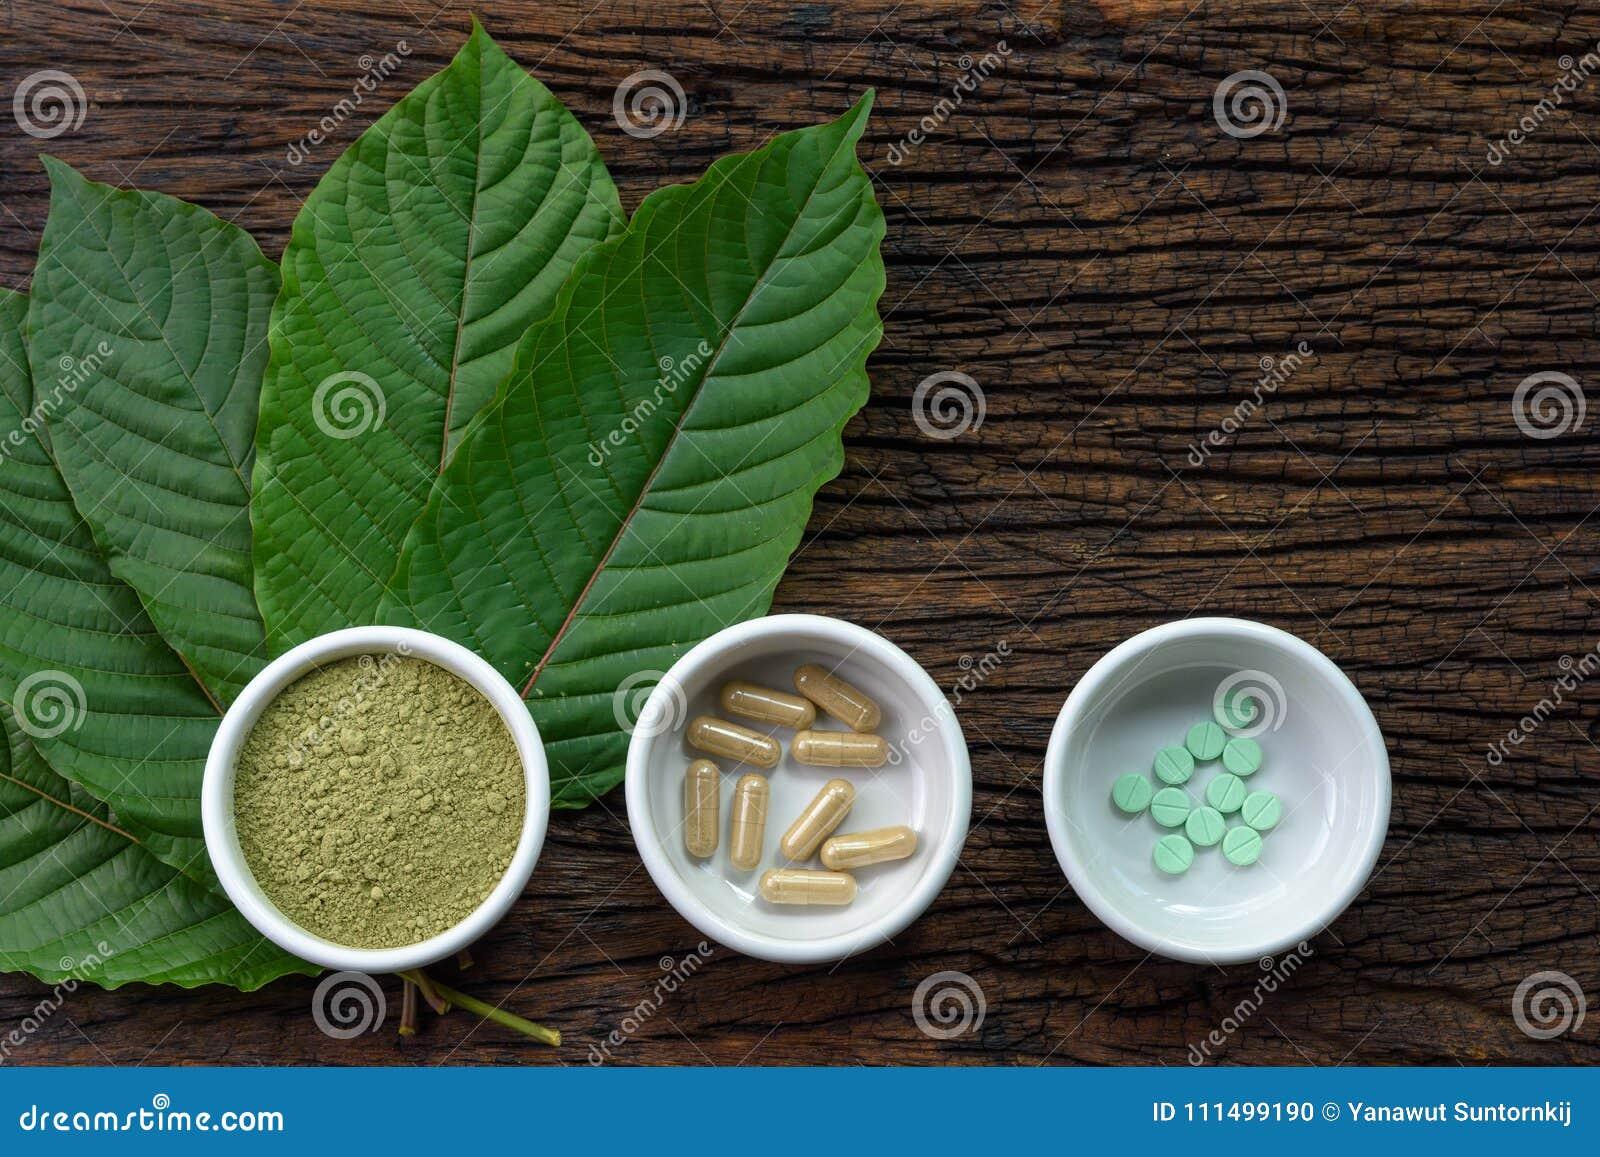 De bladeren van Mitragynaspeciosa kratom met geneeskundeproducten in poeder, capsules en tablet in witte ceramische kom met houte